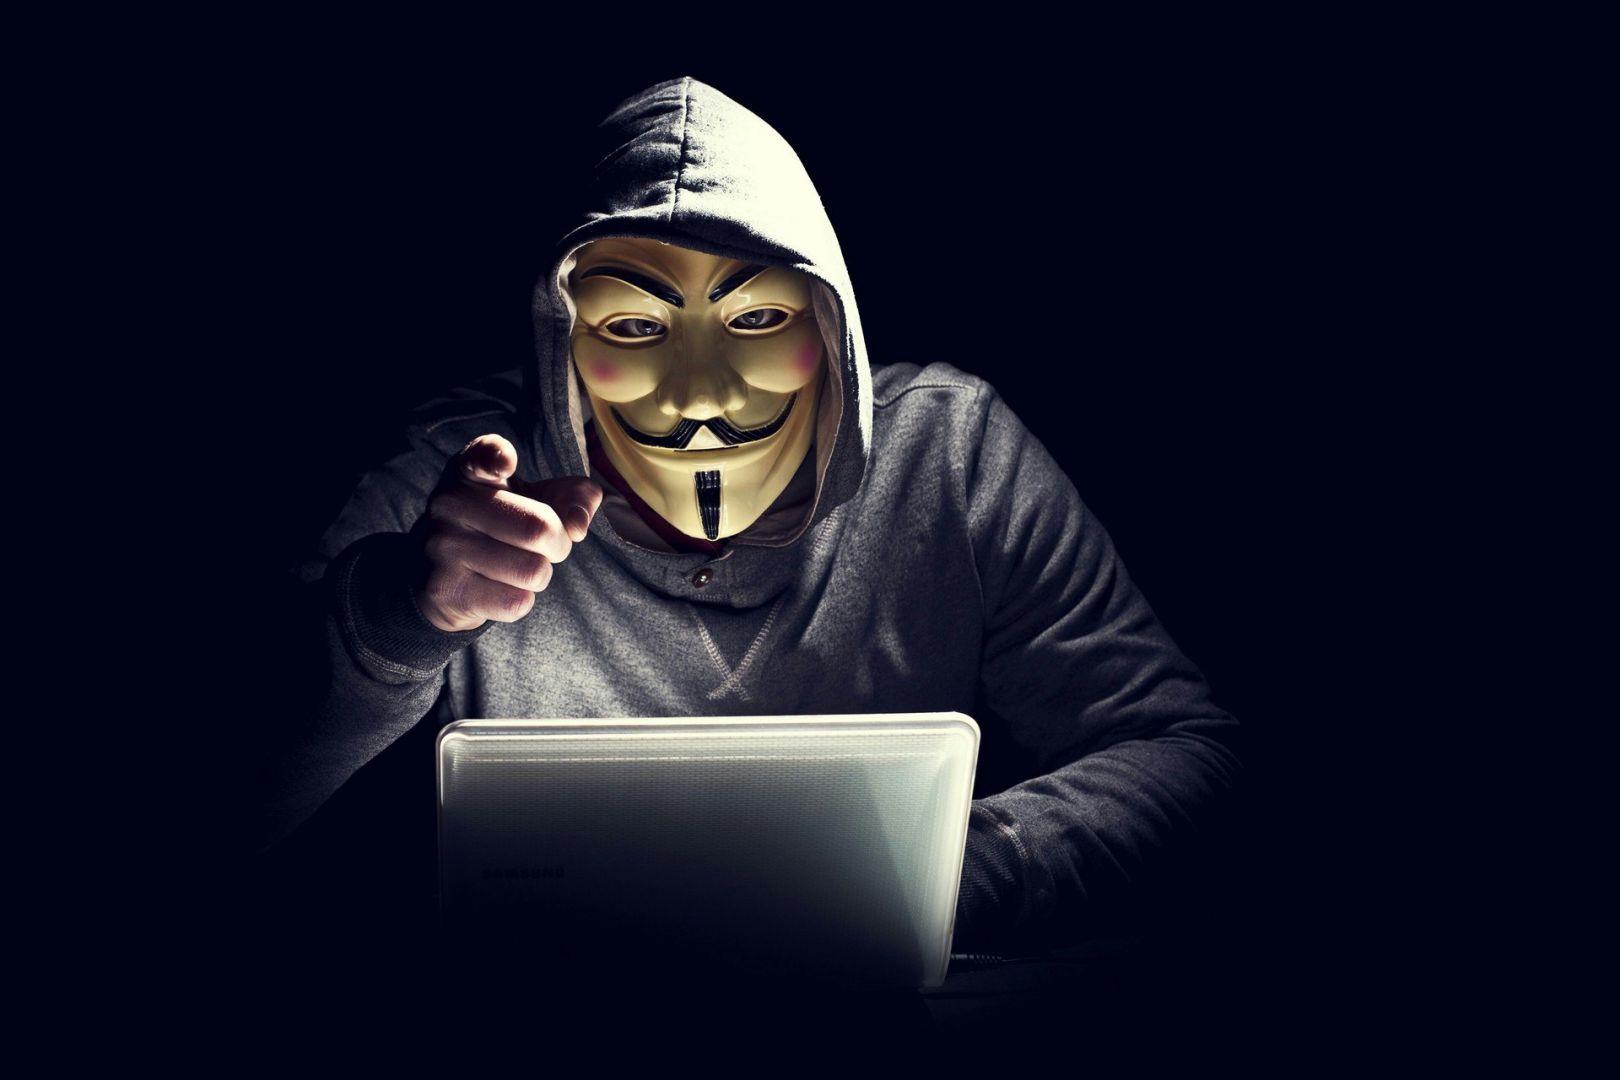 Хакеры обнародовали 2,2 миллиарда логинов и паролей